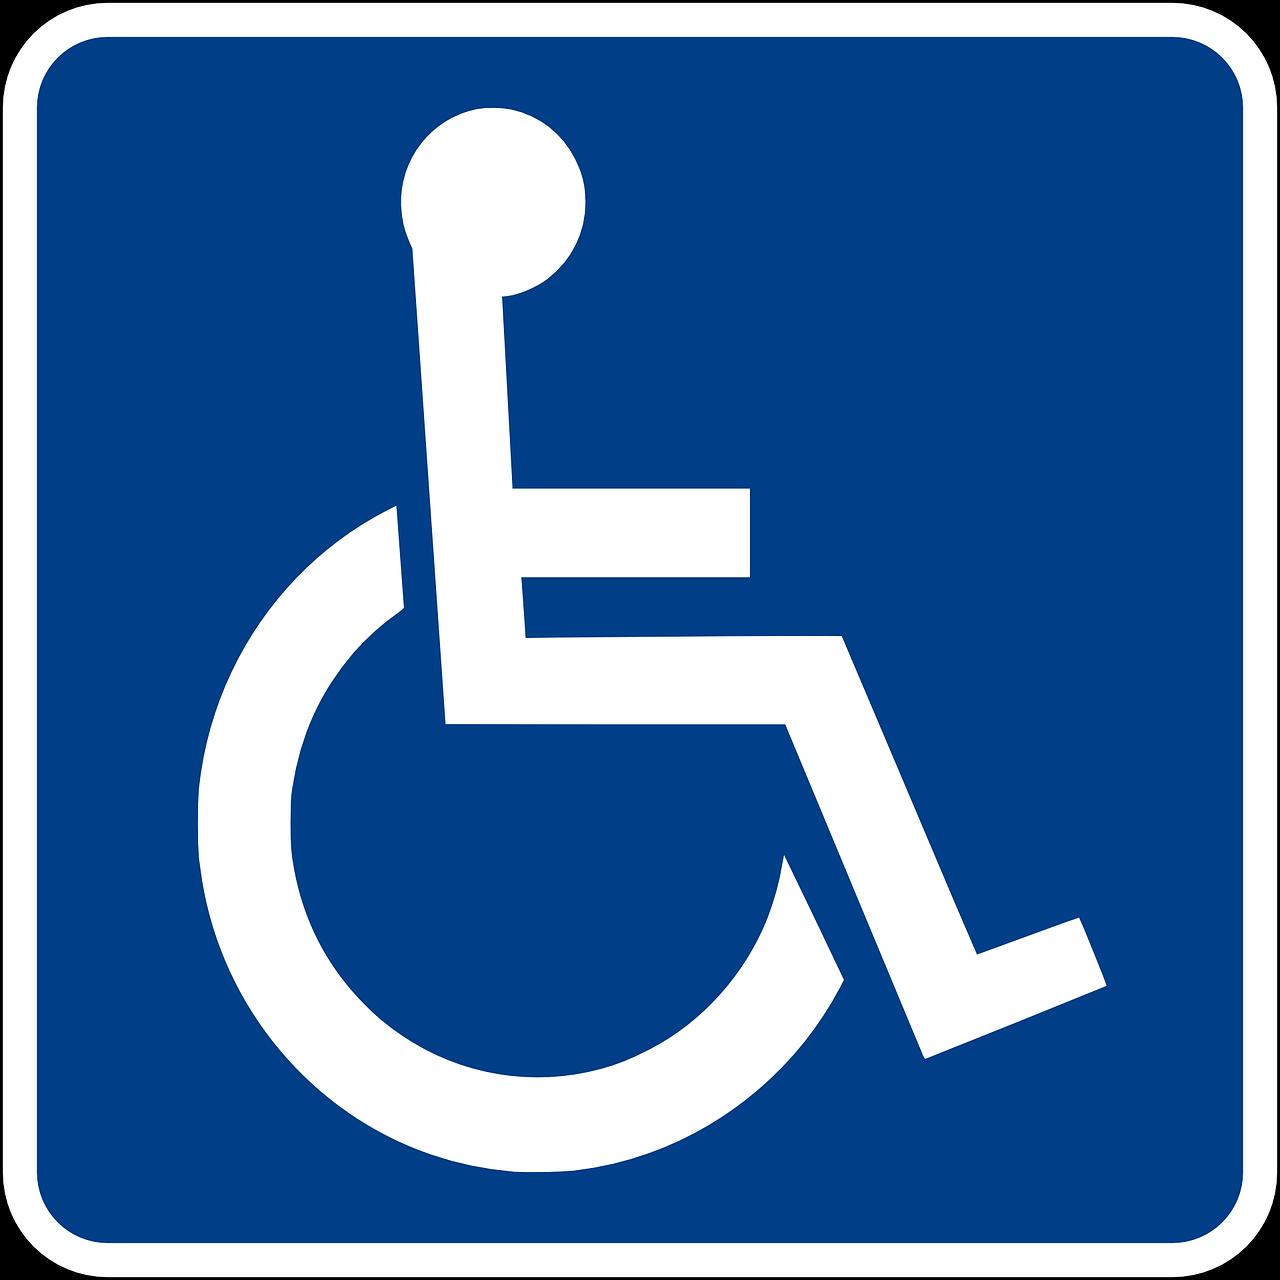 Stichting SWZ Woonvorm Veghel ervaring instelling gehandicaptenzorg verstandelijk gehandicapten